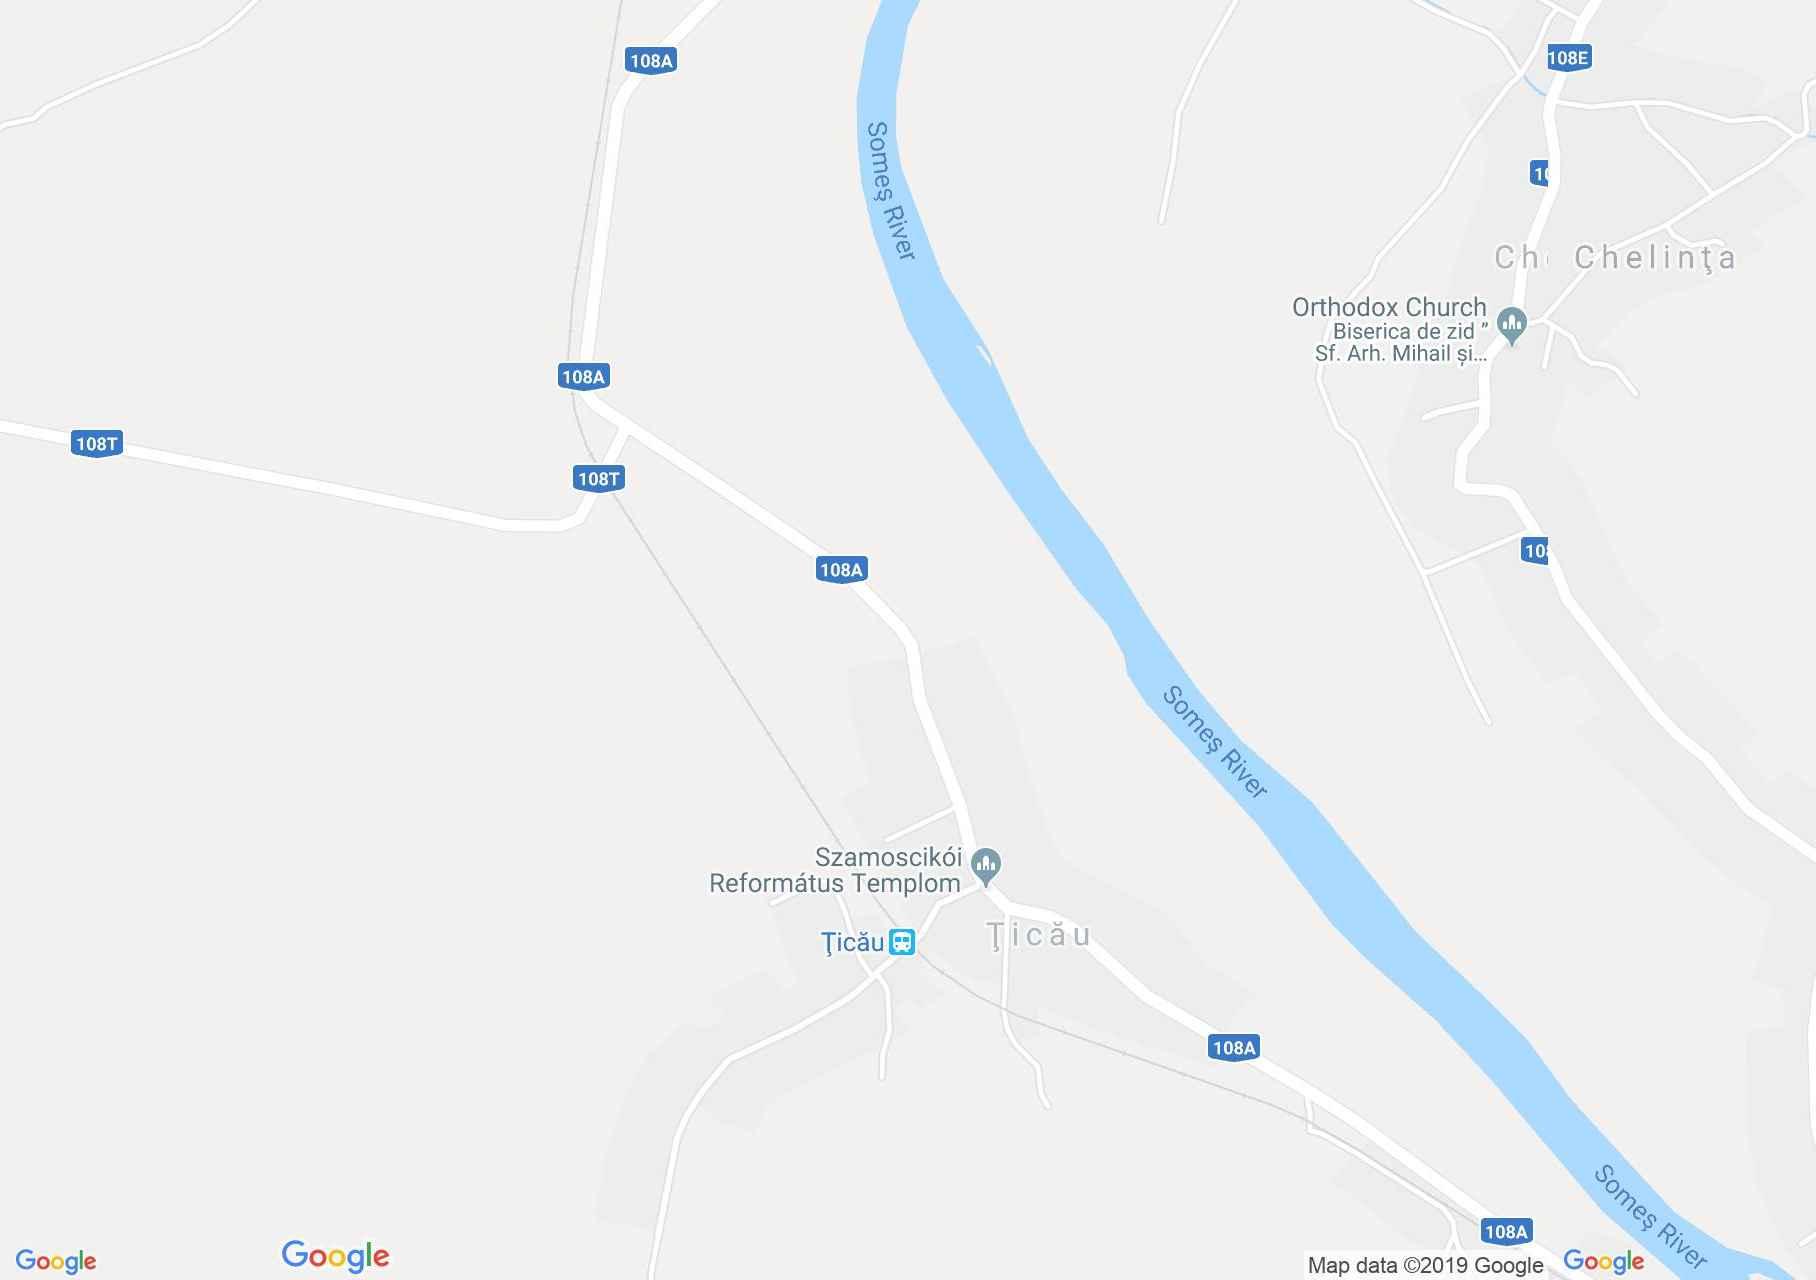 Hartă Ţicău